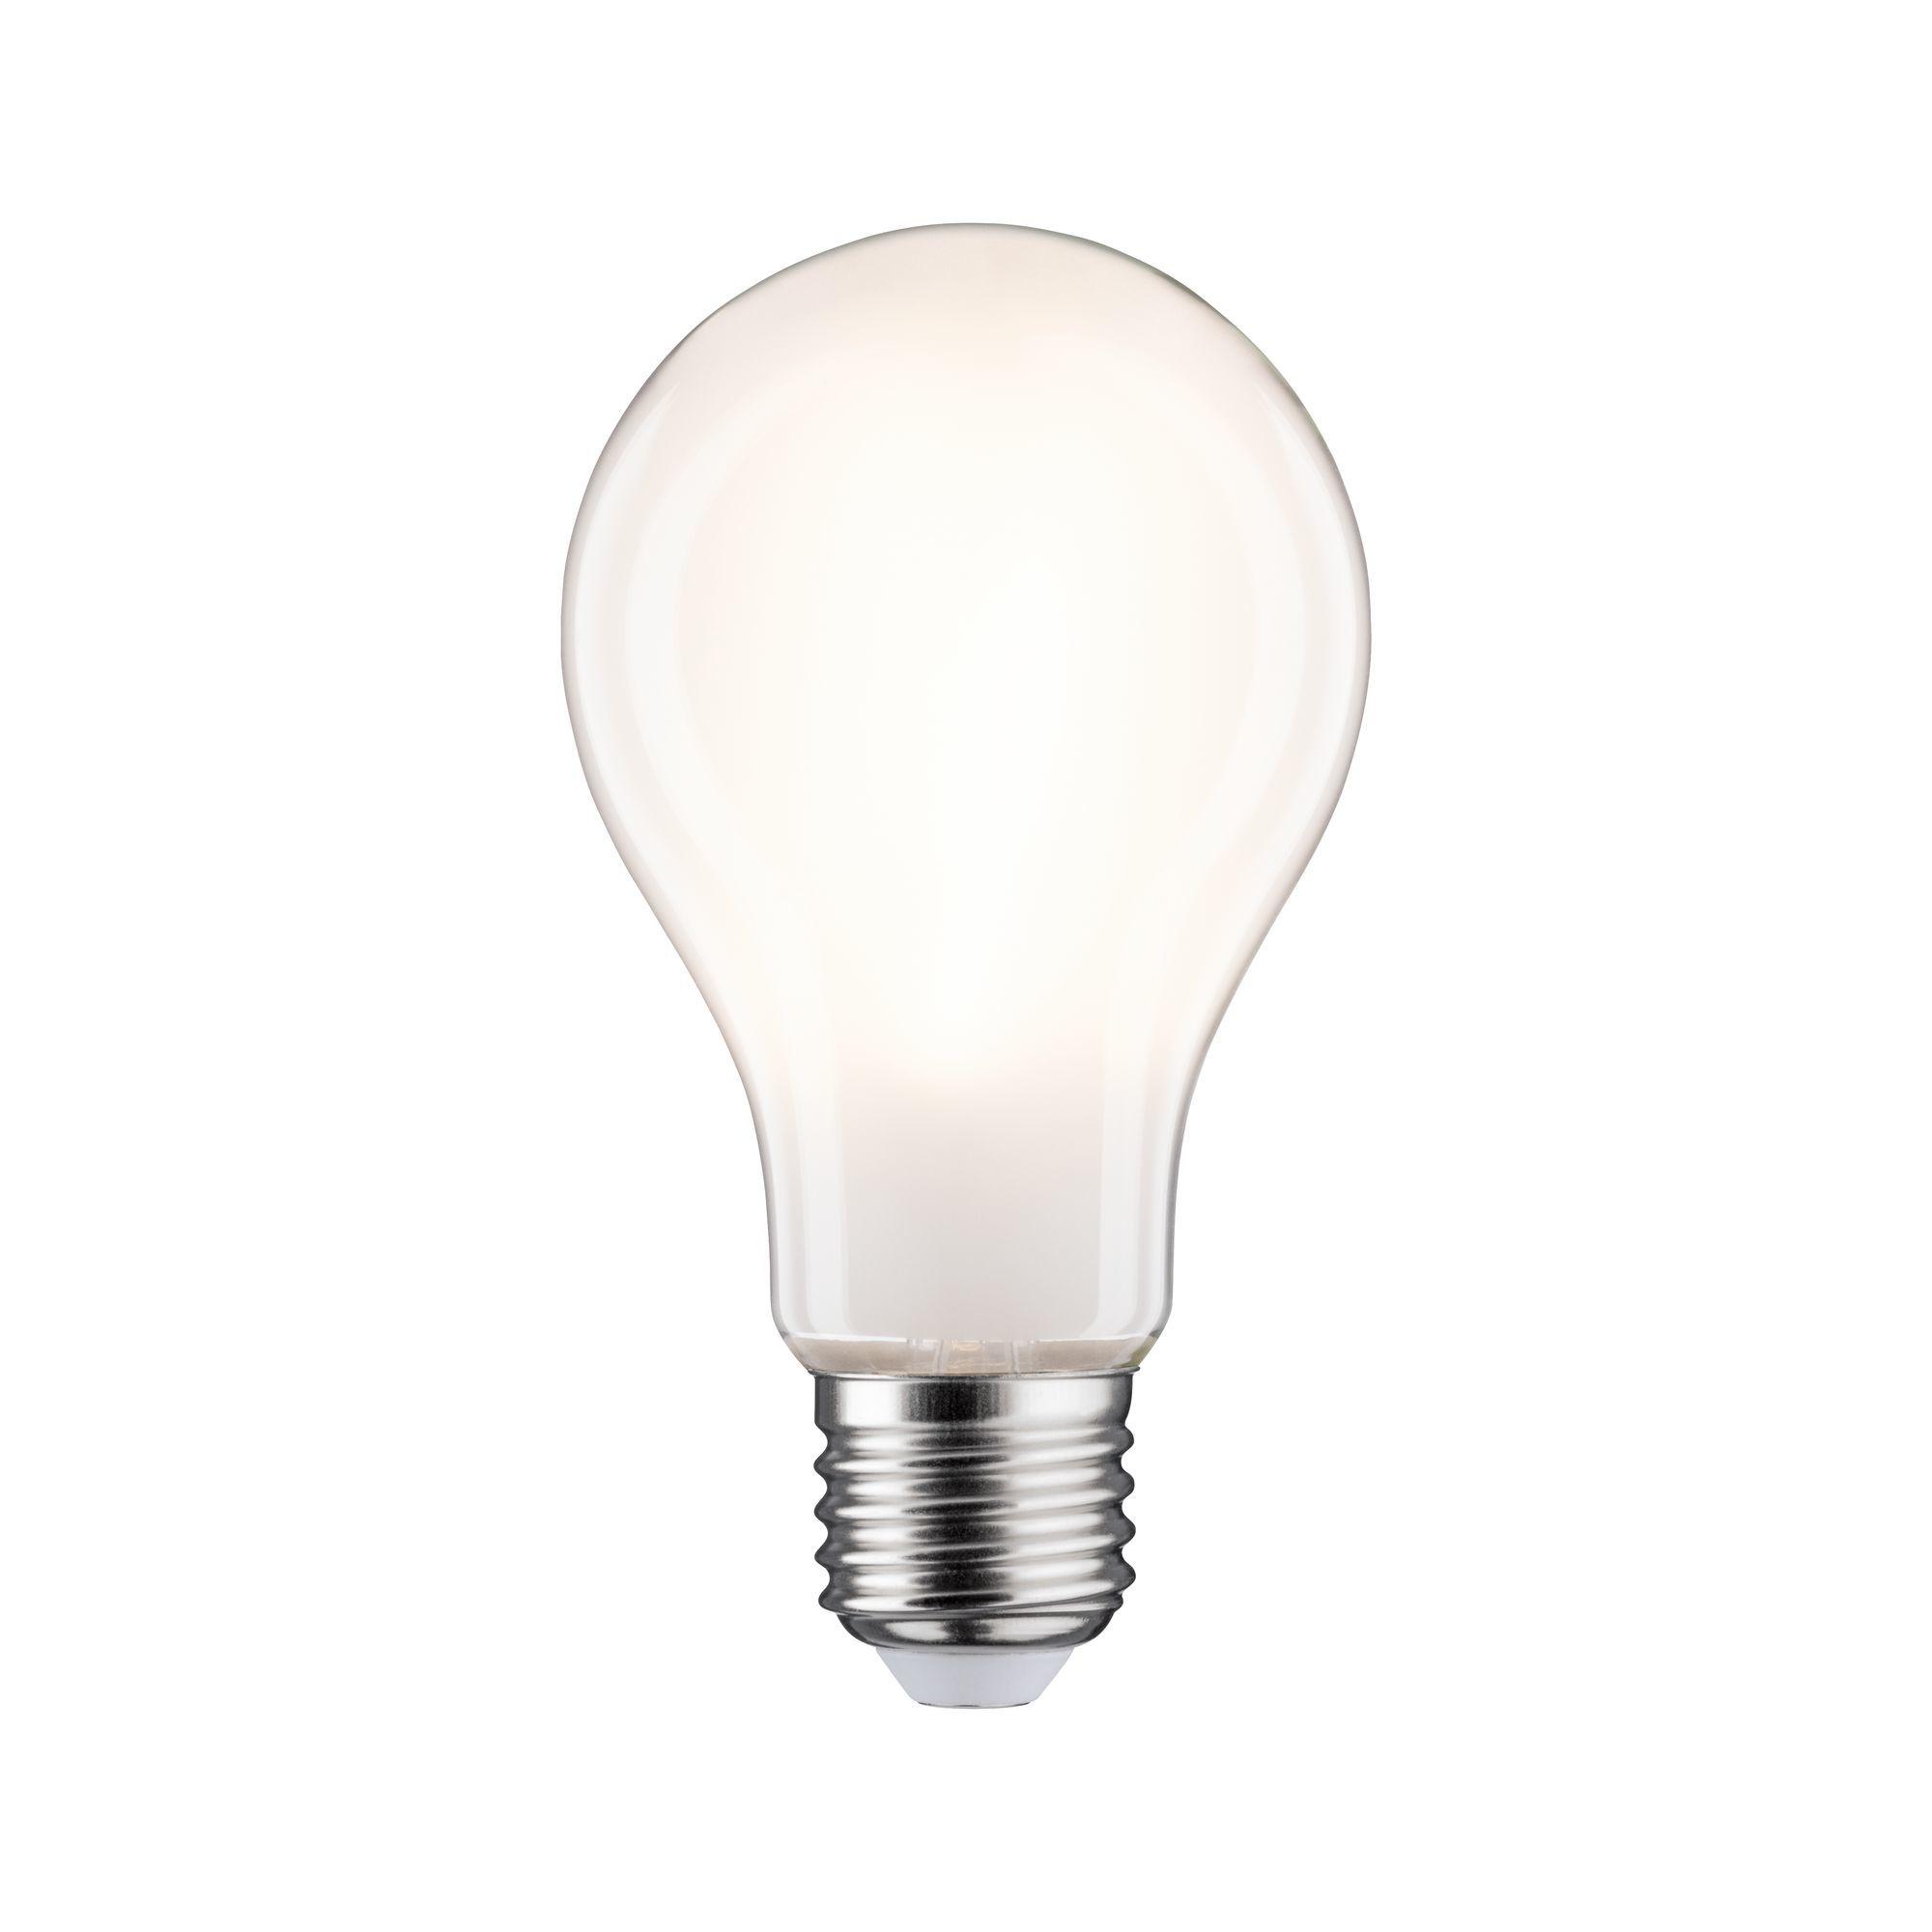 Paulmann LED Fil AGL 1521lm E27 2700K 11,5W matt 230V (28648)